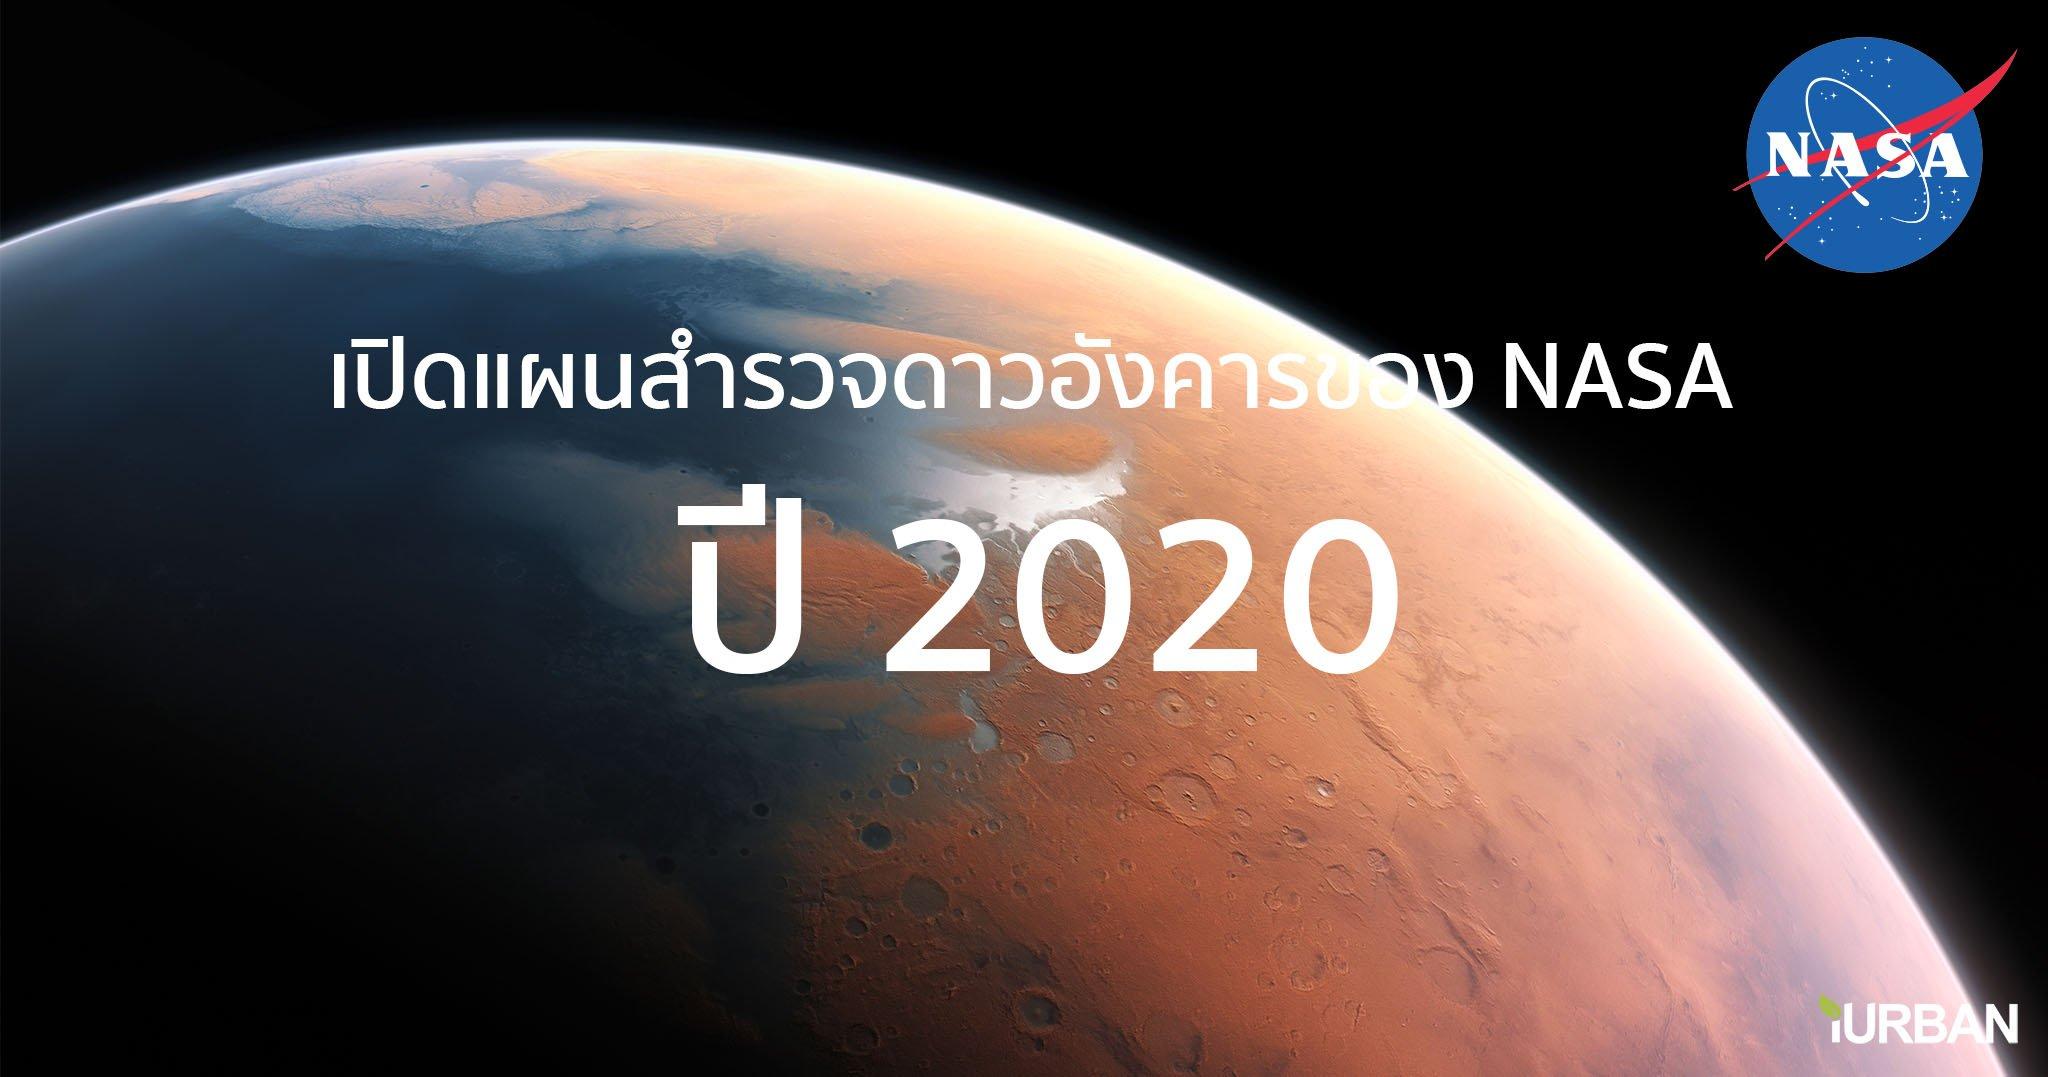 เปิดแผนสำรวจดาวอังคารของ NASA ปี 2020 2 -